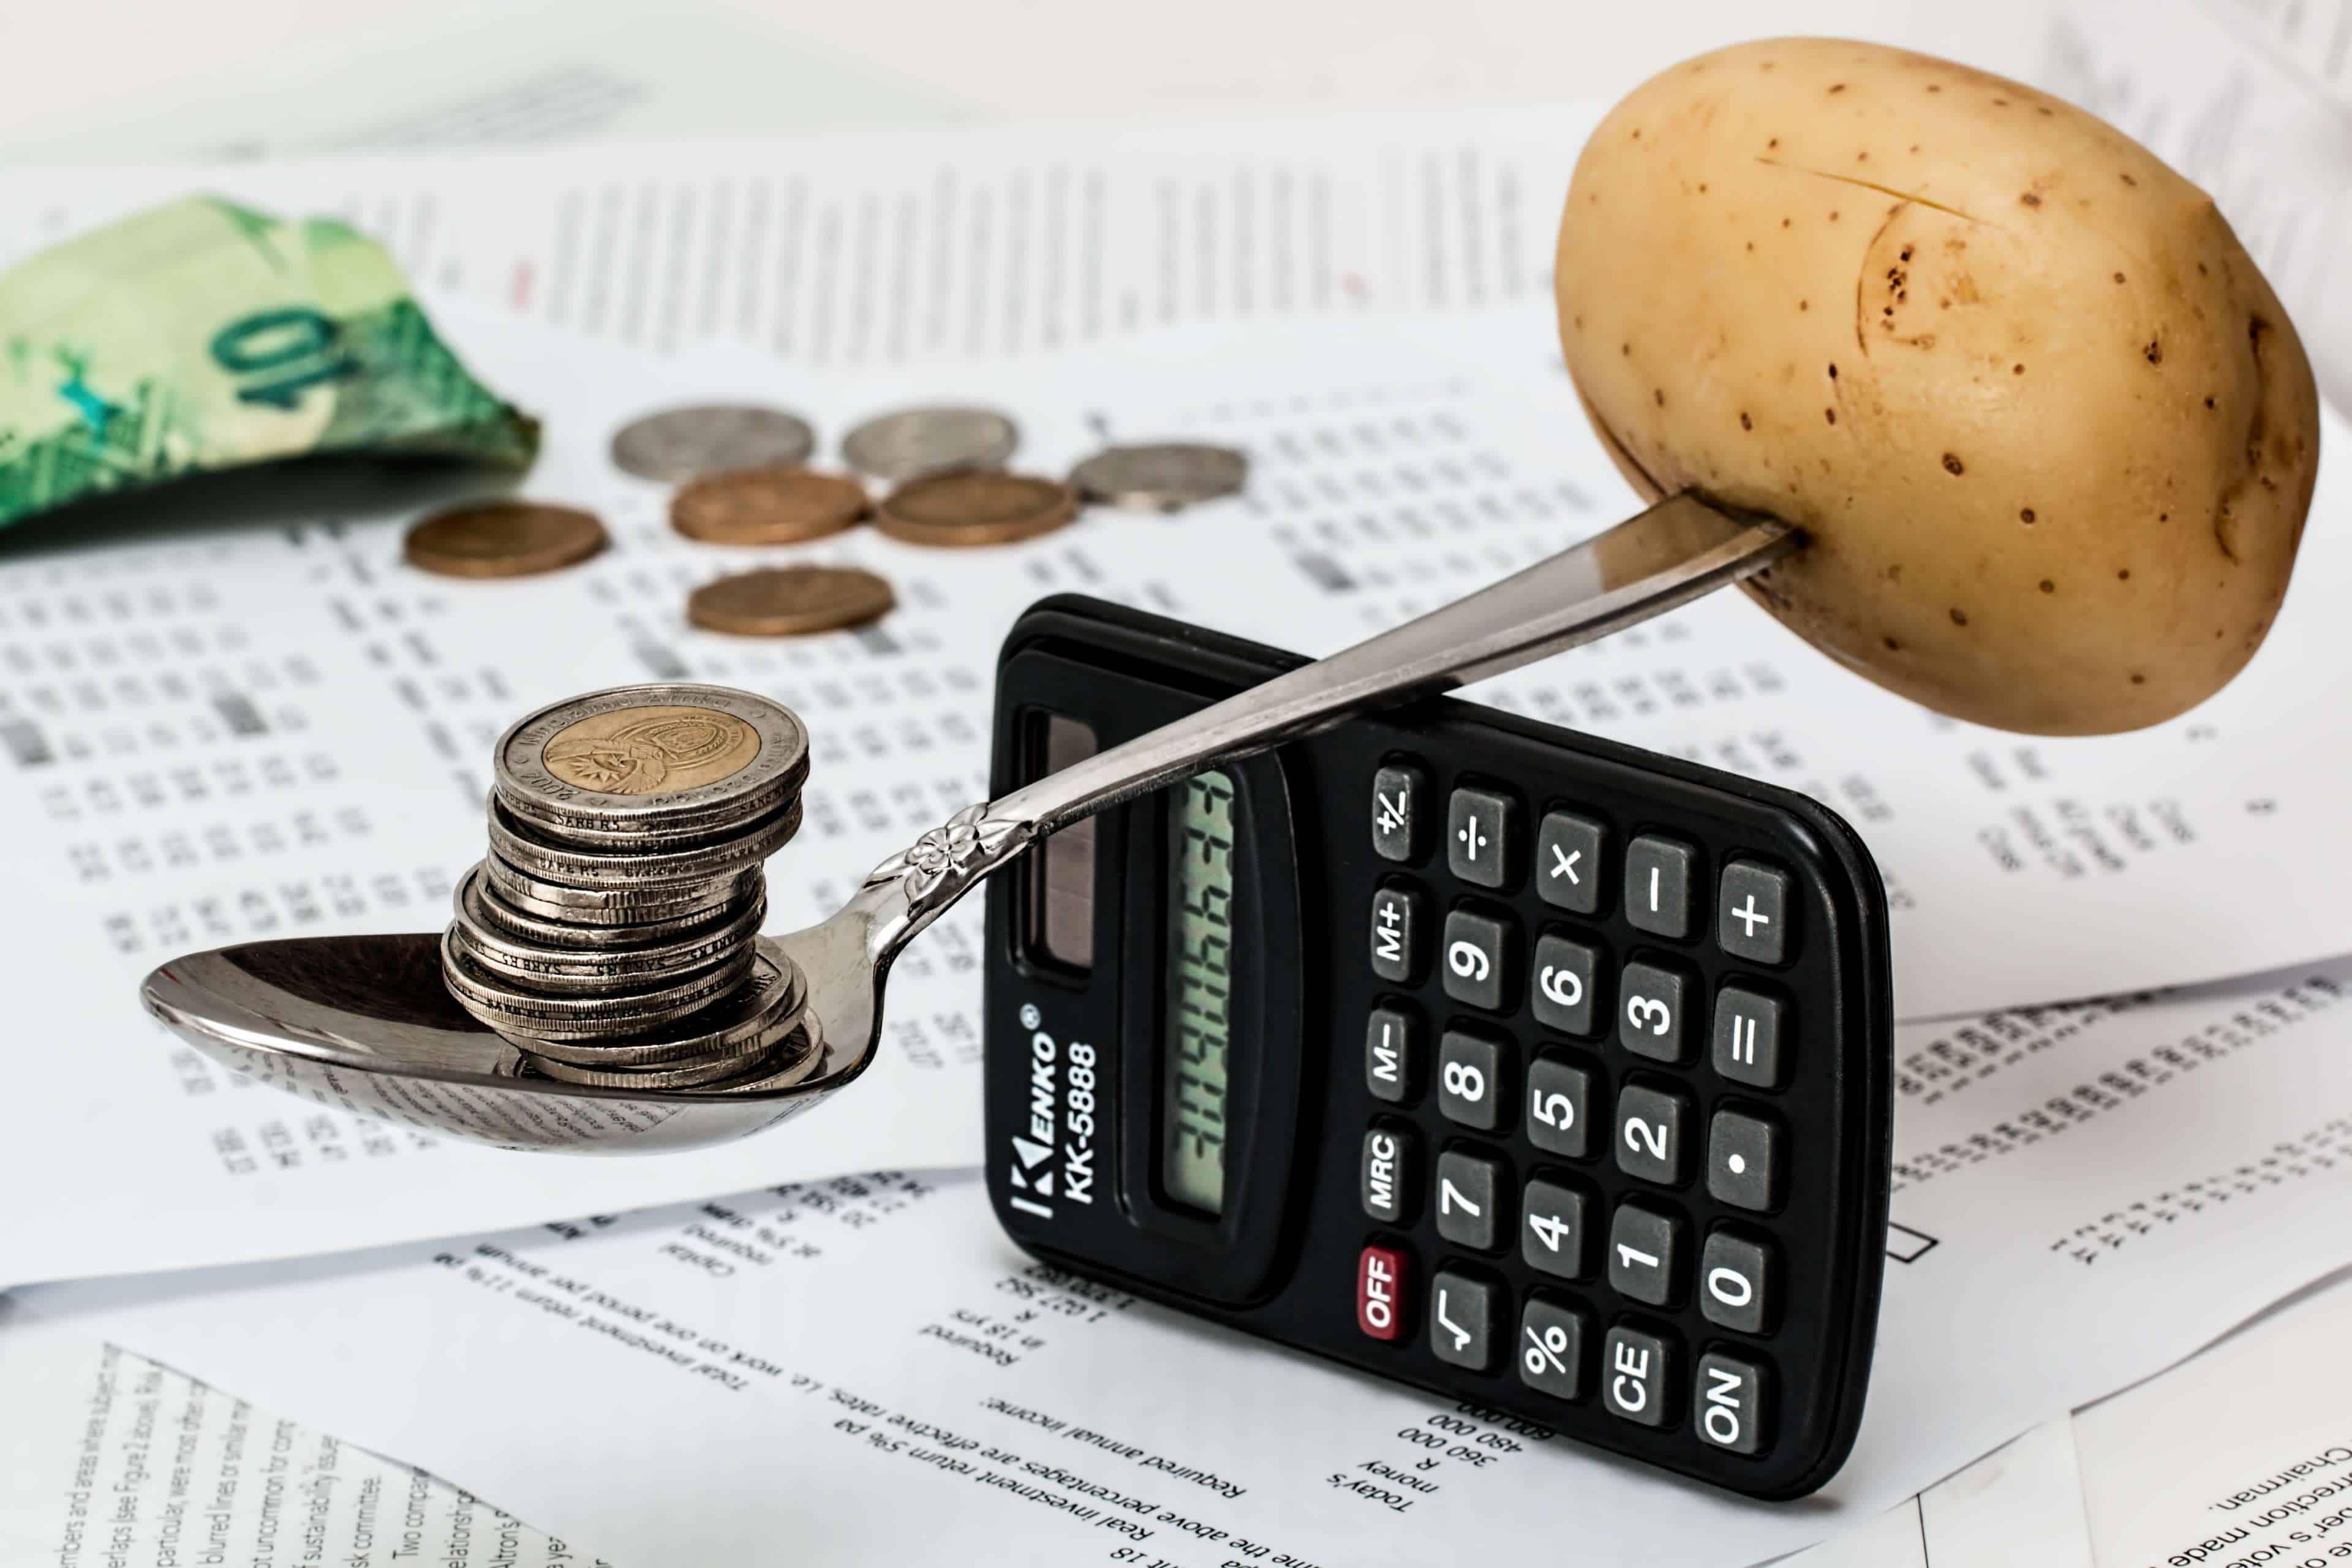 Fondförvaltningsavgift, vad är det? – förklaring av fondförvaltningsavgift